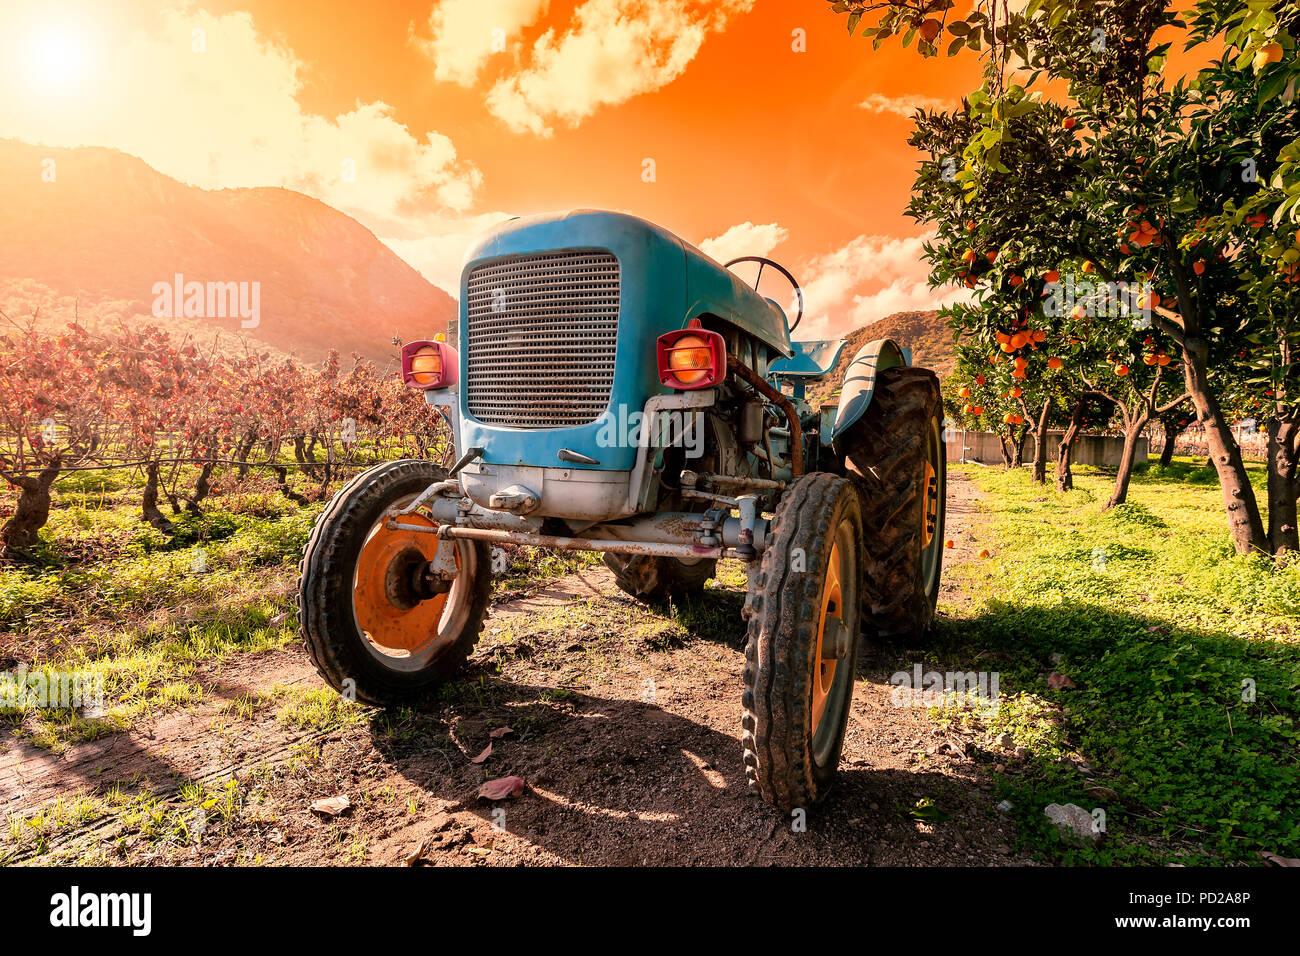 Bild in den Sonnenuntergang von einem alten Hellblau Traktor zur Bebauung der Felder. Unter Zitruspflanzen und Reben mit der Beleuchtung fotografiert auf Stockfoto